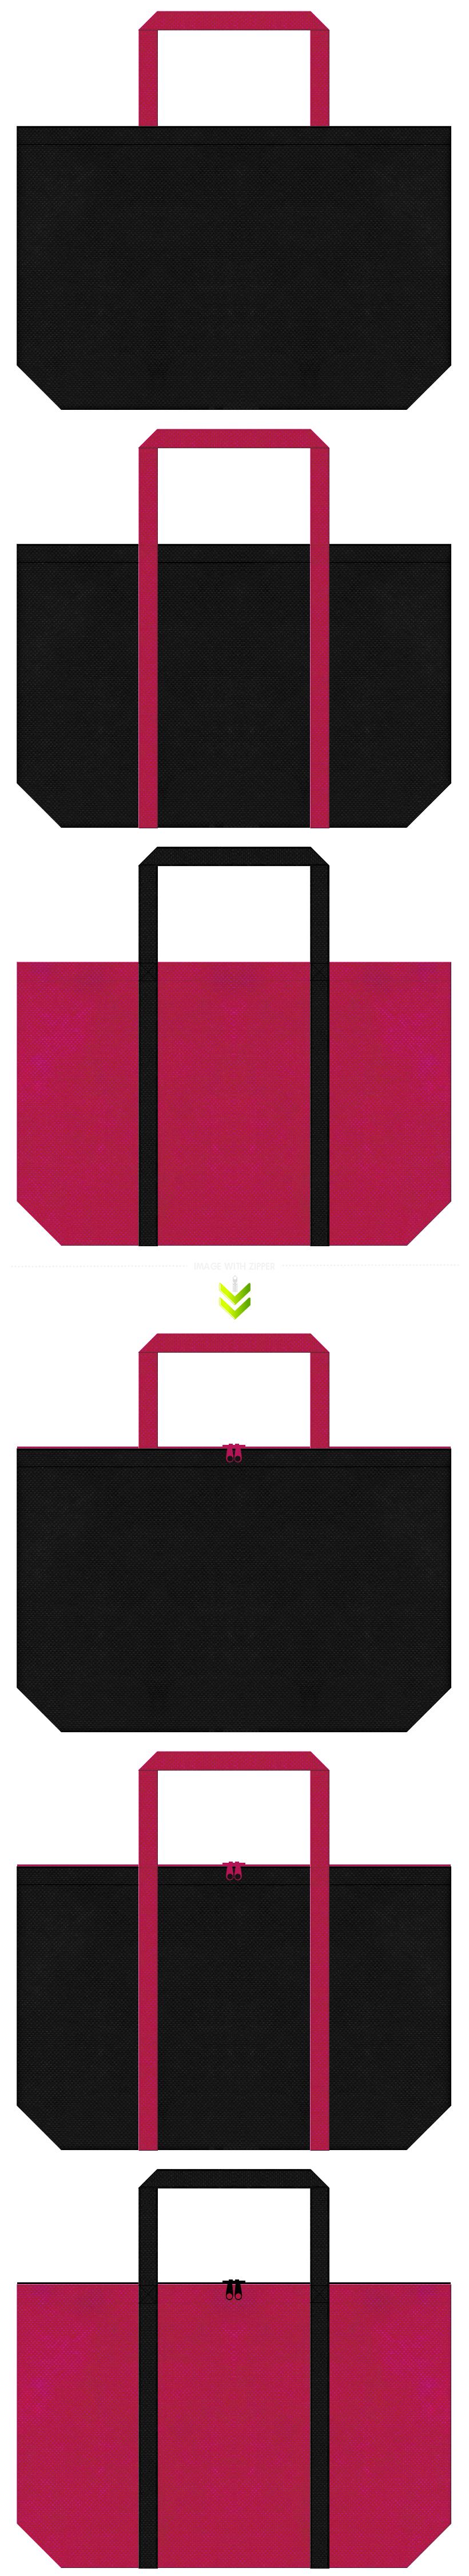 コスメ・香水・ネイル・魔法使い・占い・ウィッグ・コスプレイベント・ハイヒール・ブーツ・ユニフォーム・運動靴・アウトドア・スポーツバッグにお奨めの不織布バッグデザイン:黒色と濃いピンク色のコーデ